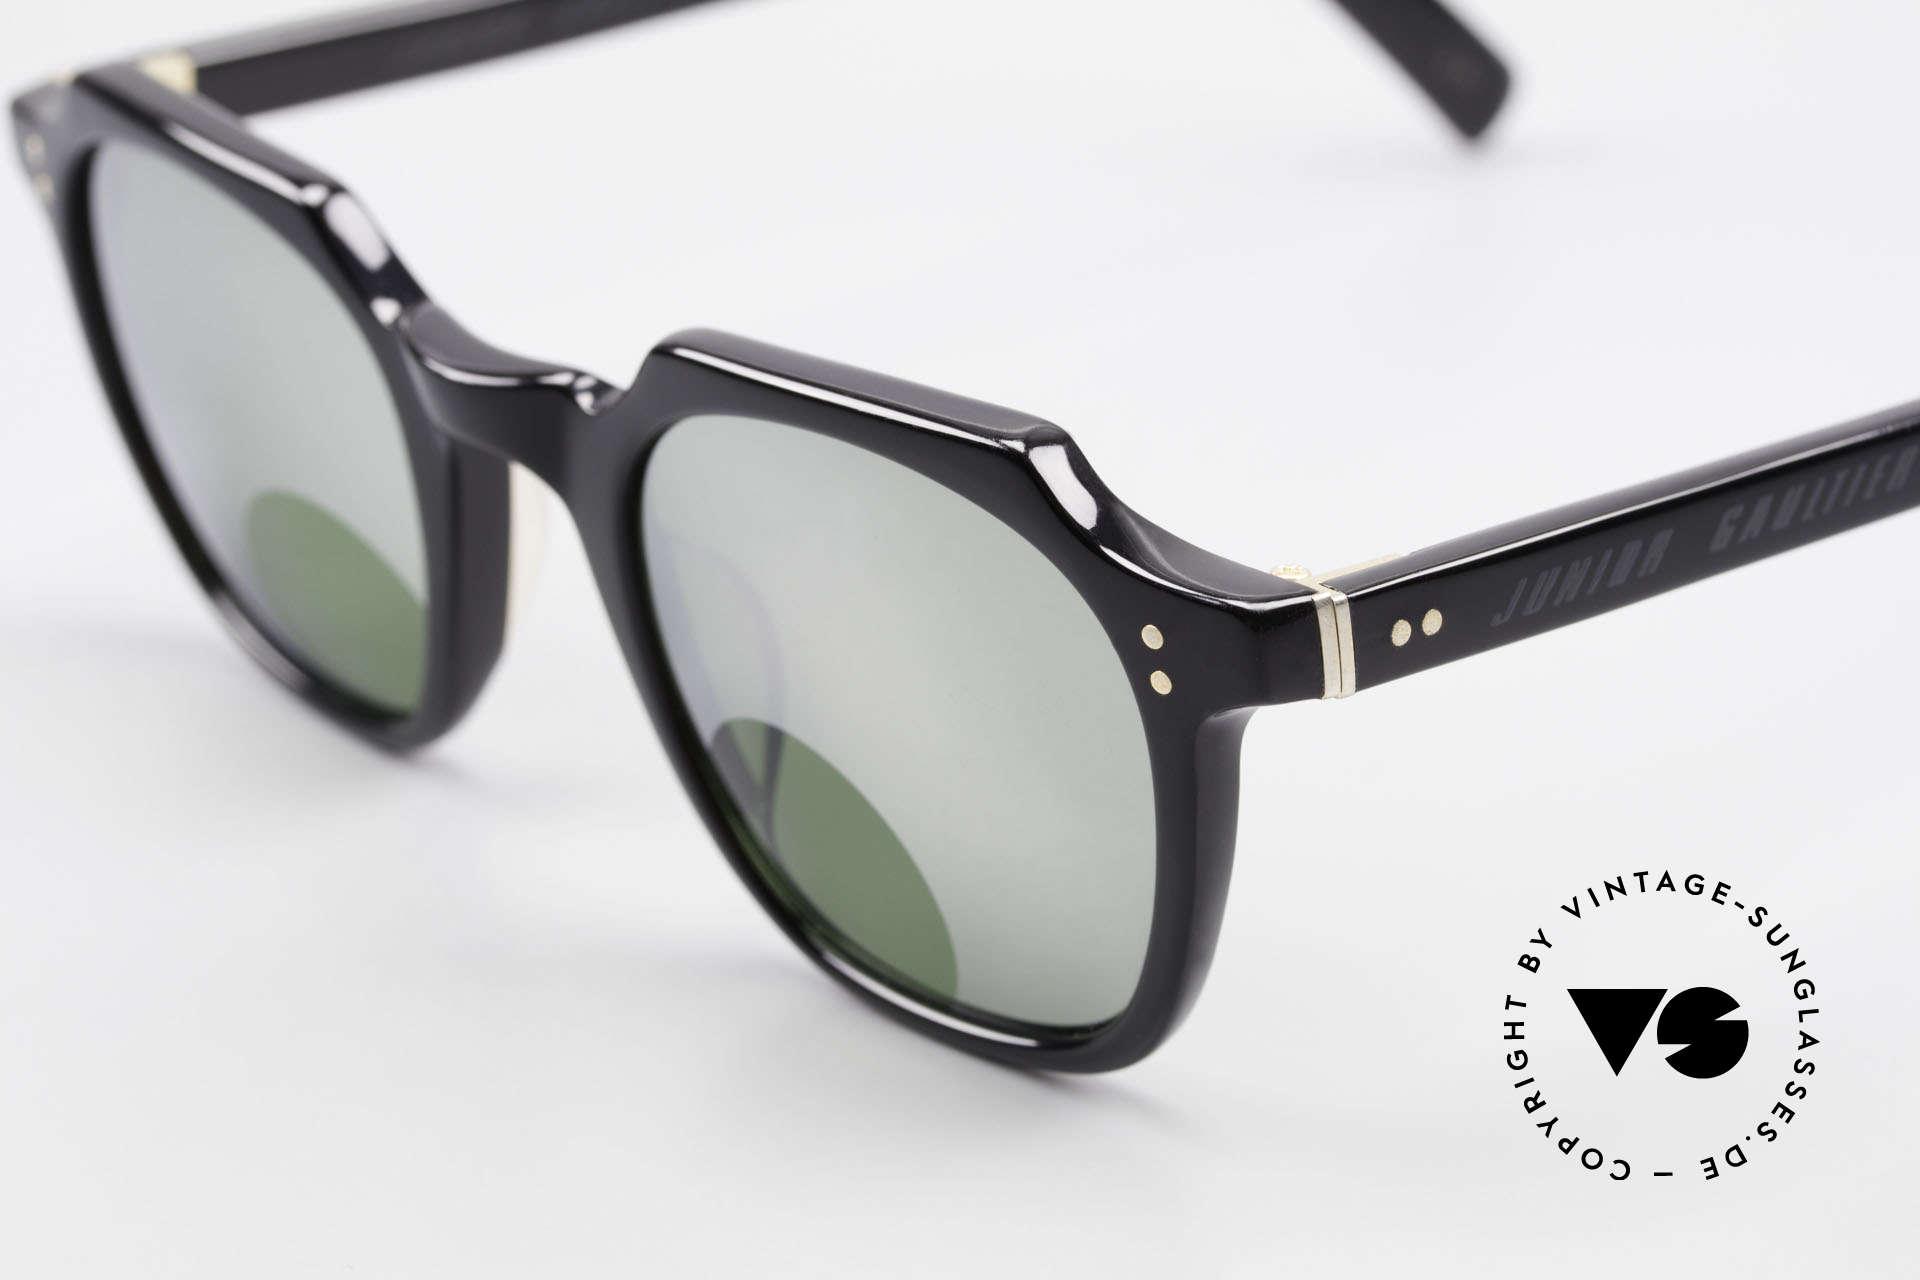 Jean Paul Gaultier 58-0071 Verspiegelt Mit Lesefenstern, genial verspiegelte Gläser mit kleinen Lese-Fenstern, Passend für Herren und Damen